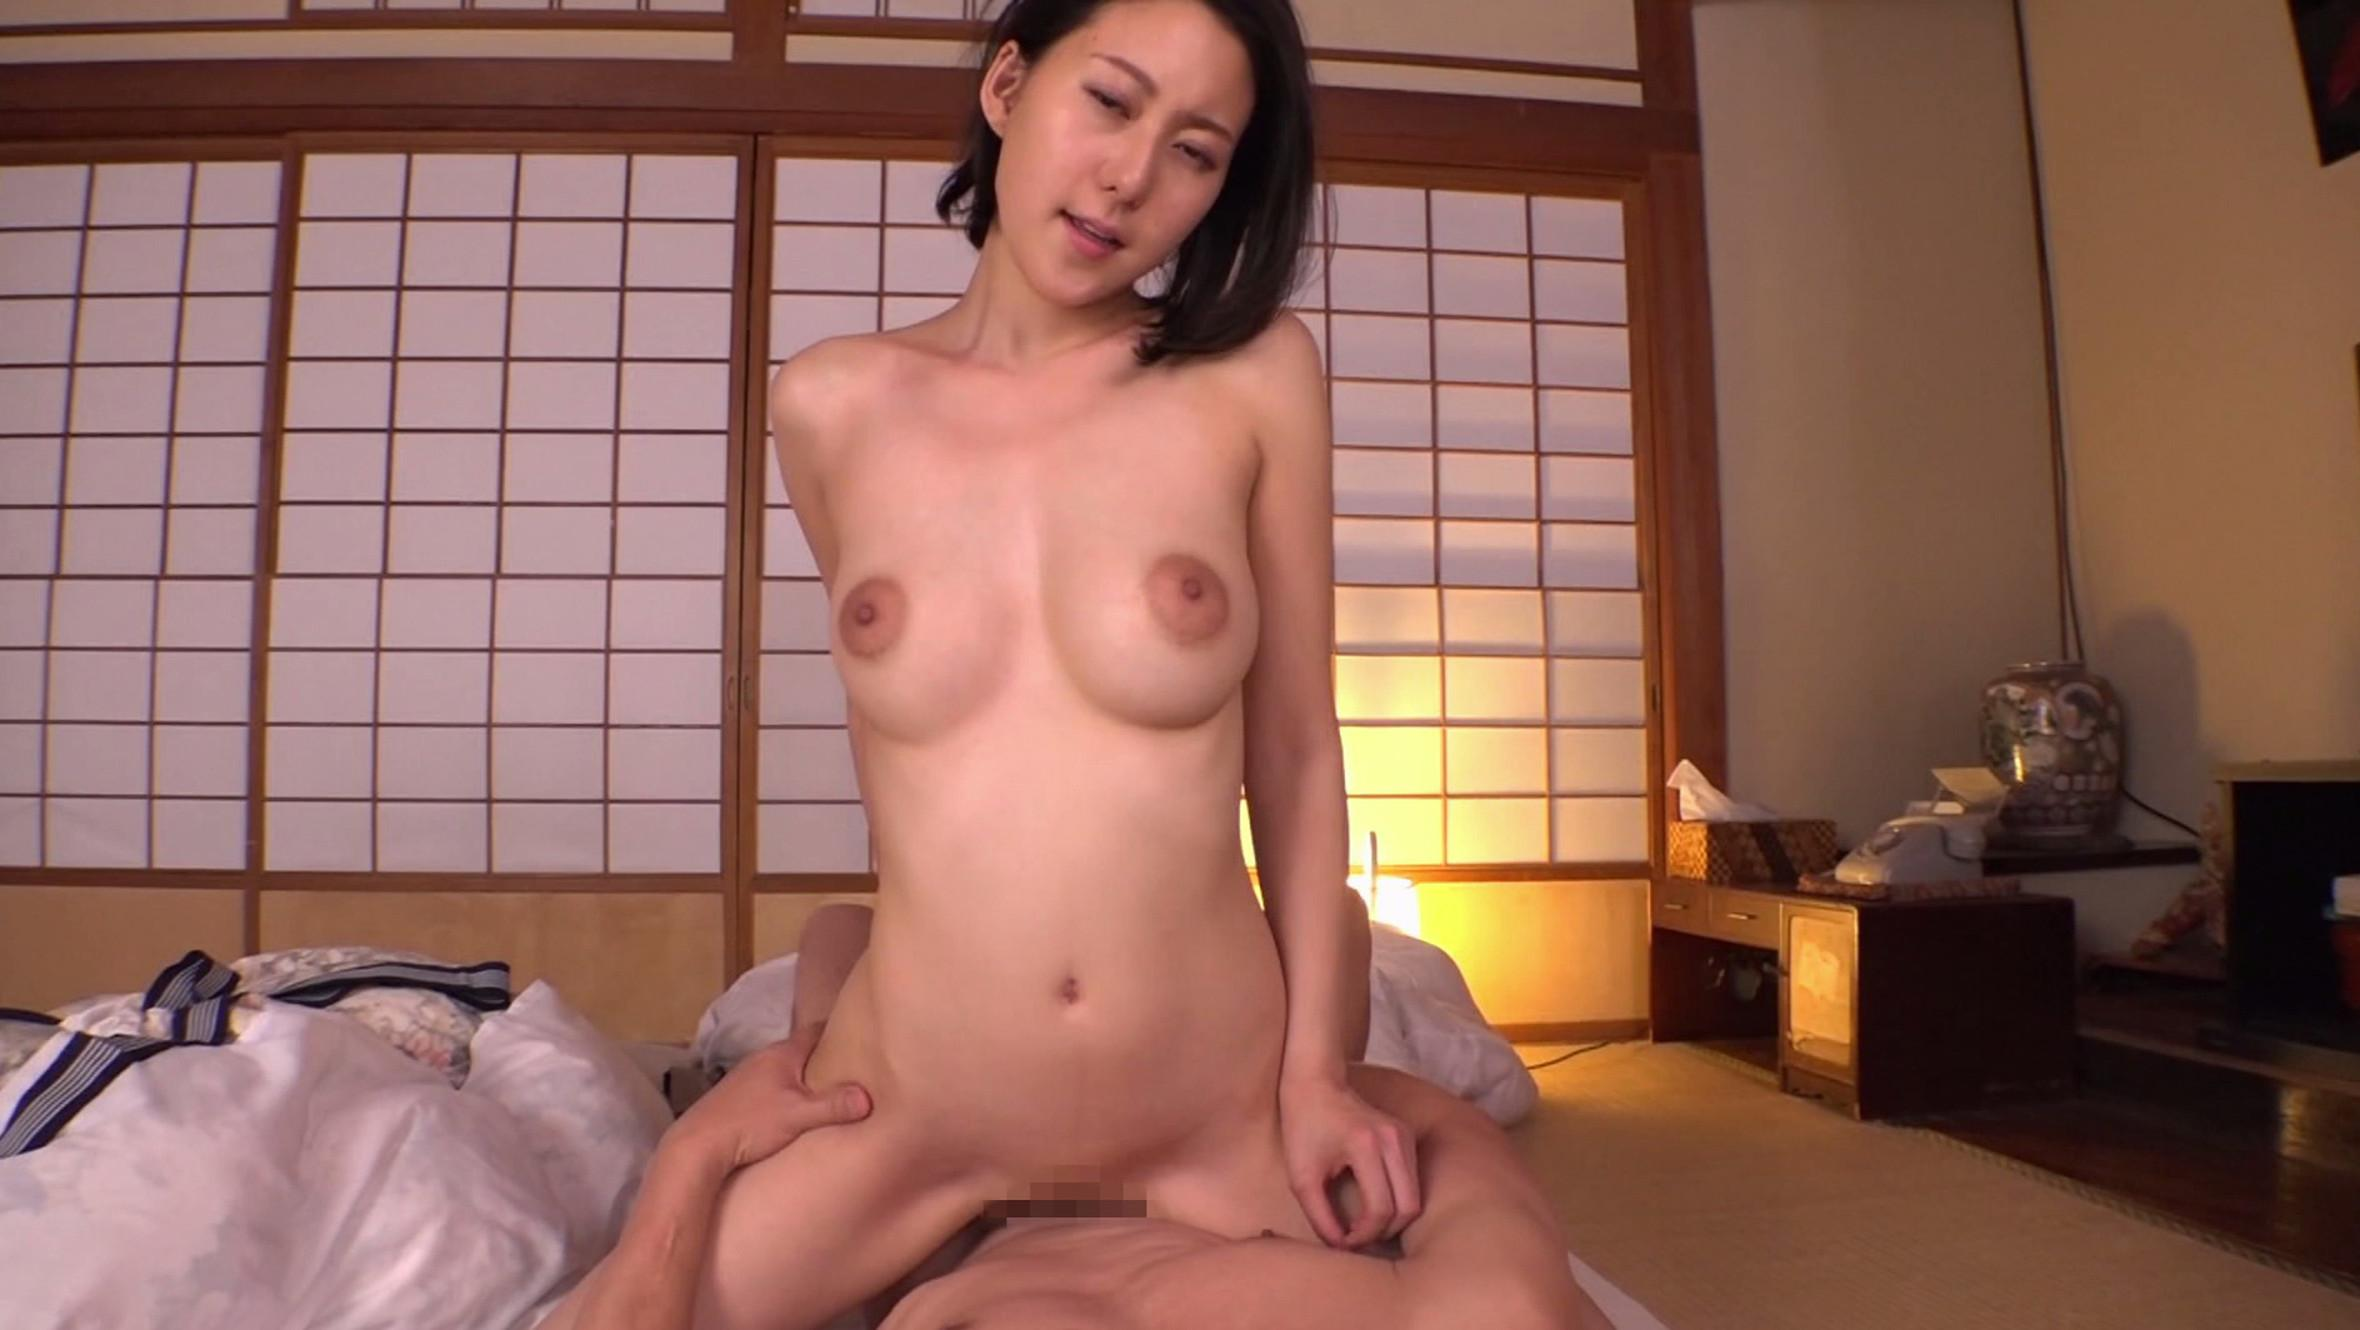 人気AV女優の松下紗栄子ちゃんのエッチな乳輪も楽しめる騎乗位でSEXしている画像